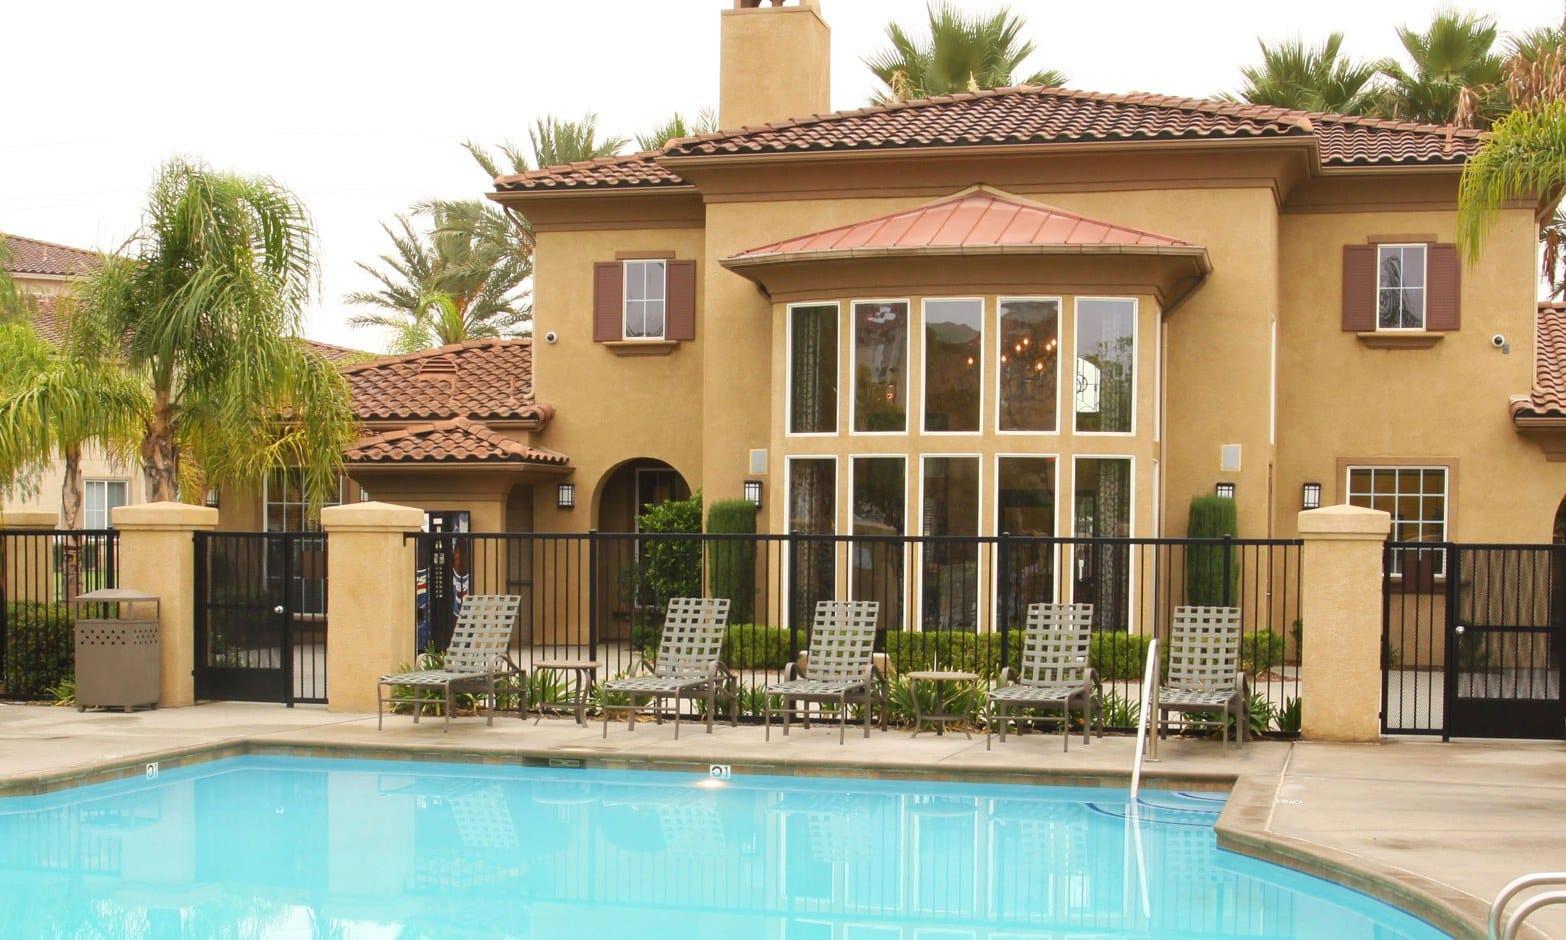 Apartments in Moreno Valley, CA